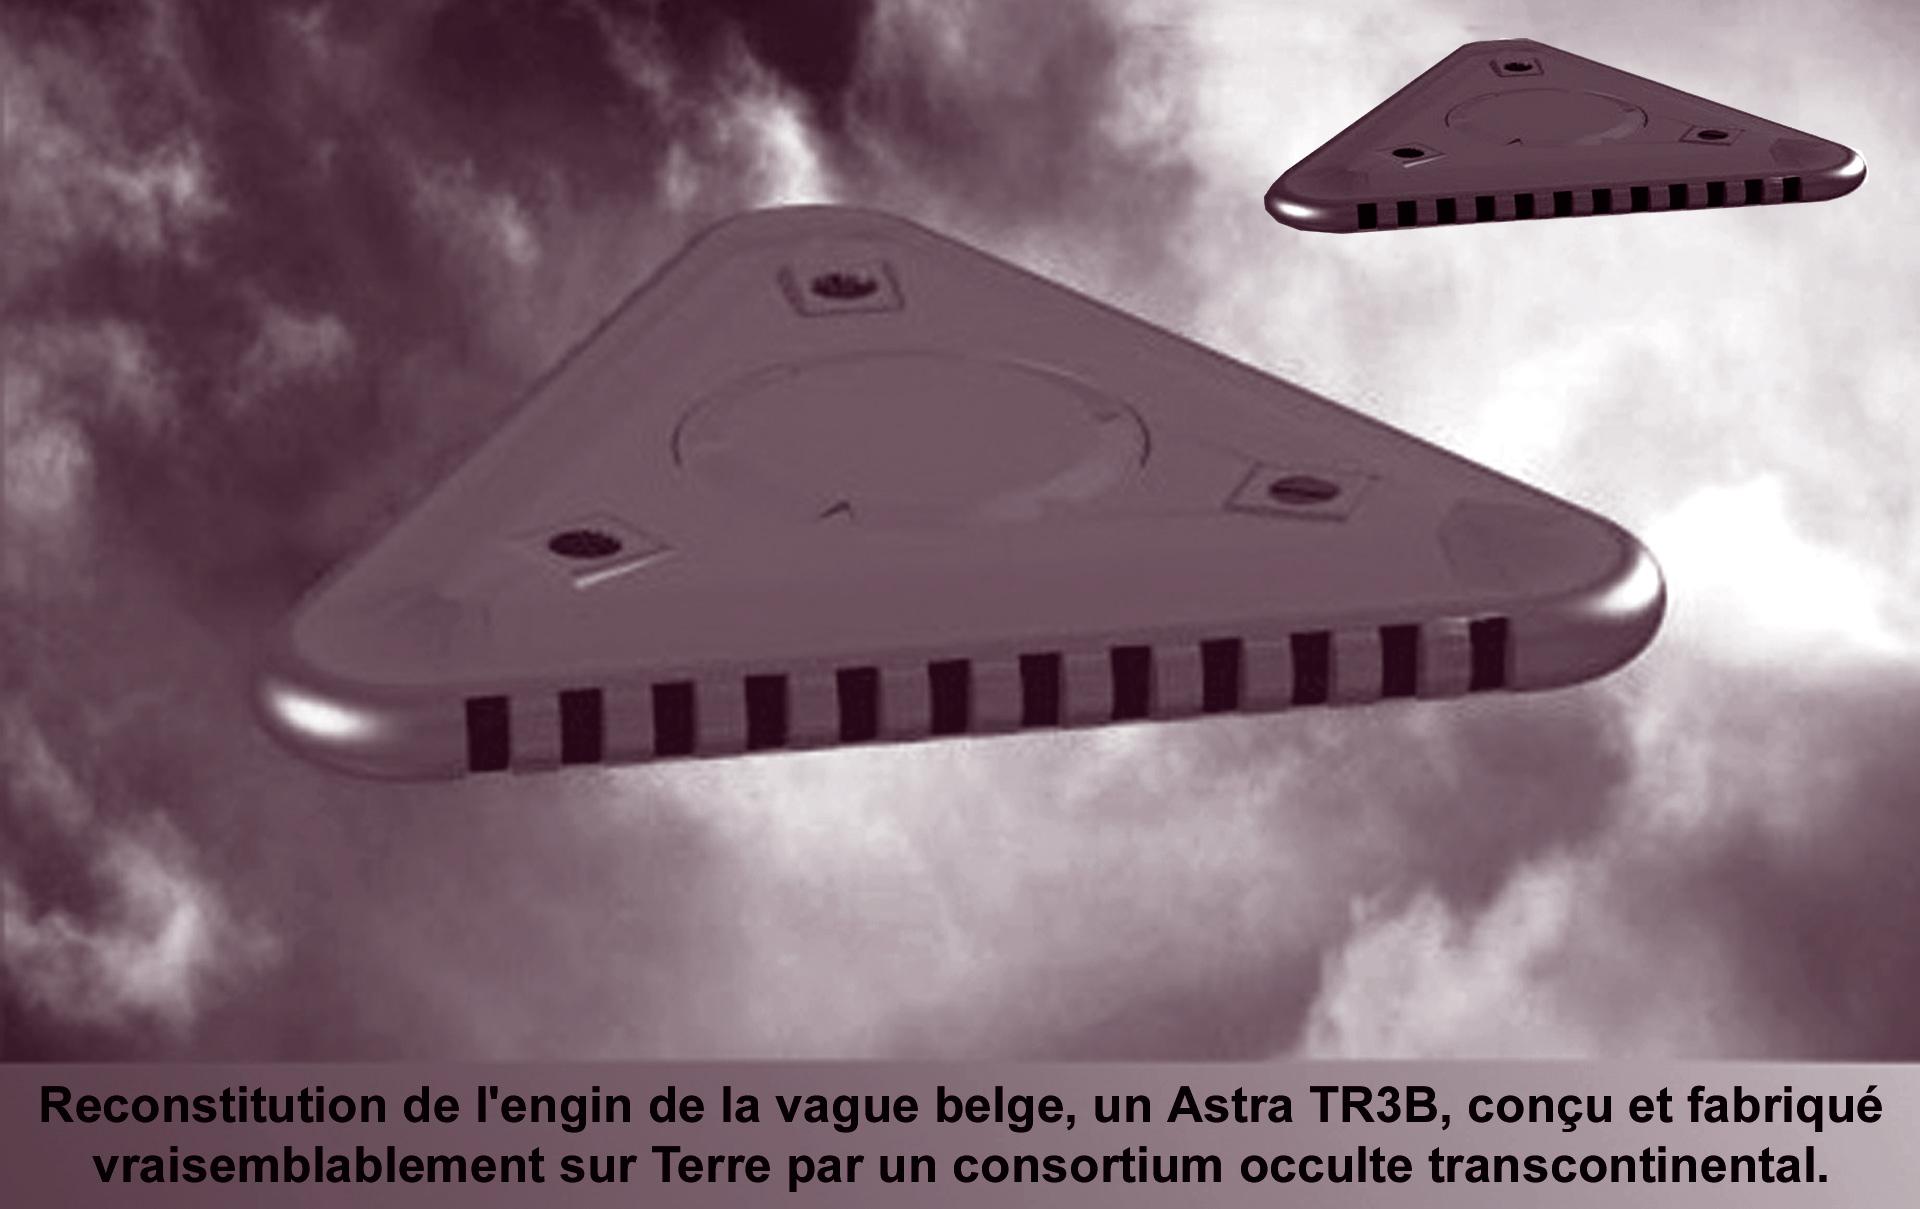 tr3b.jpg